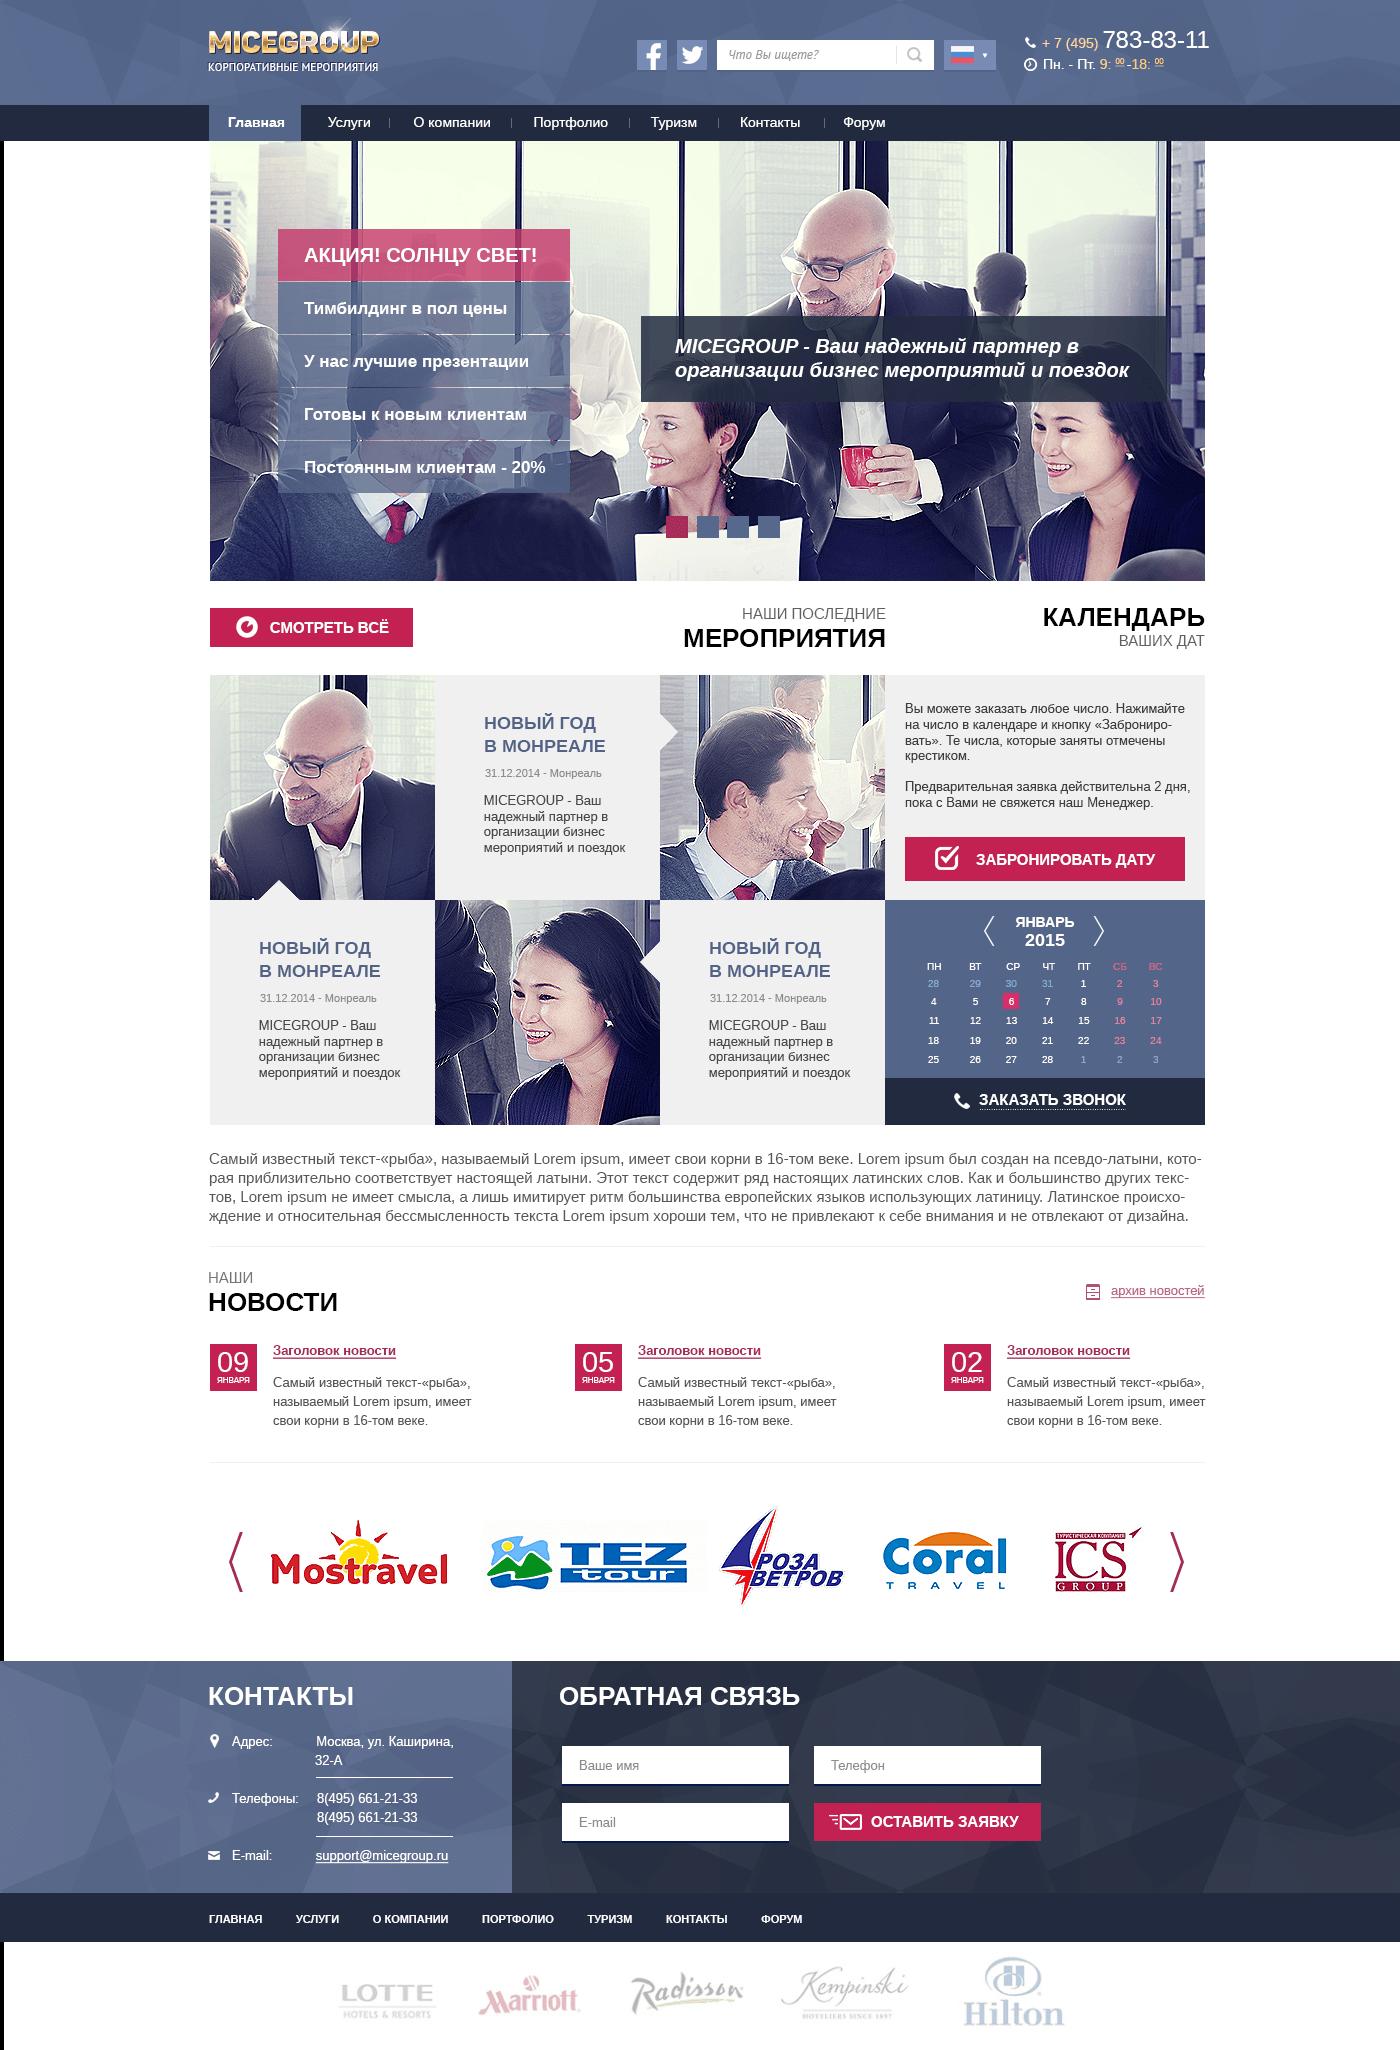 Micegroup / Корпоративные бизнес мероприятия